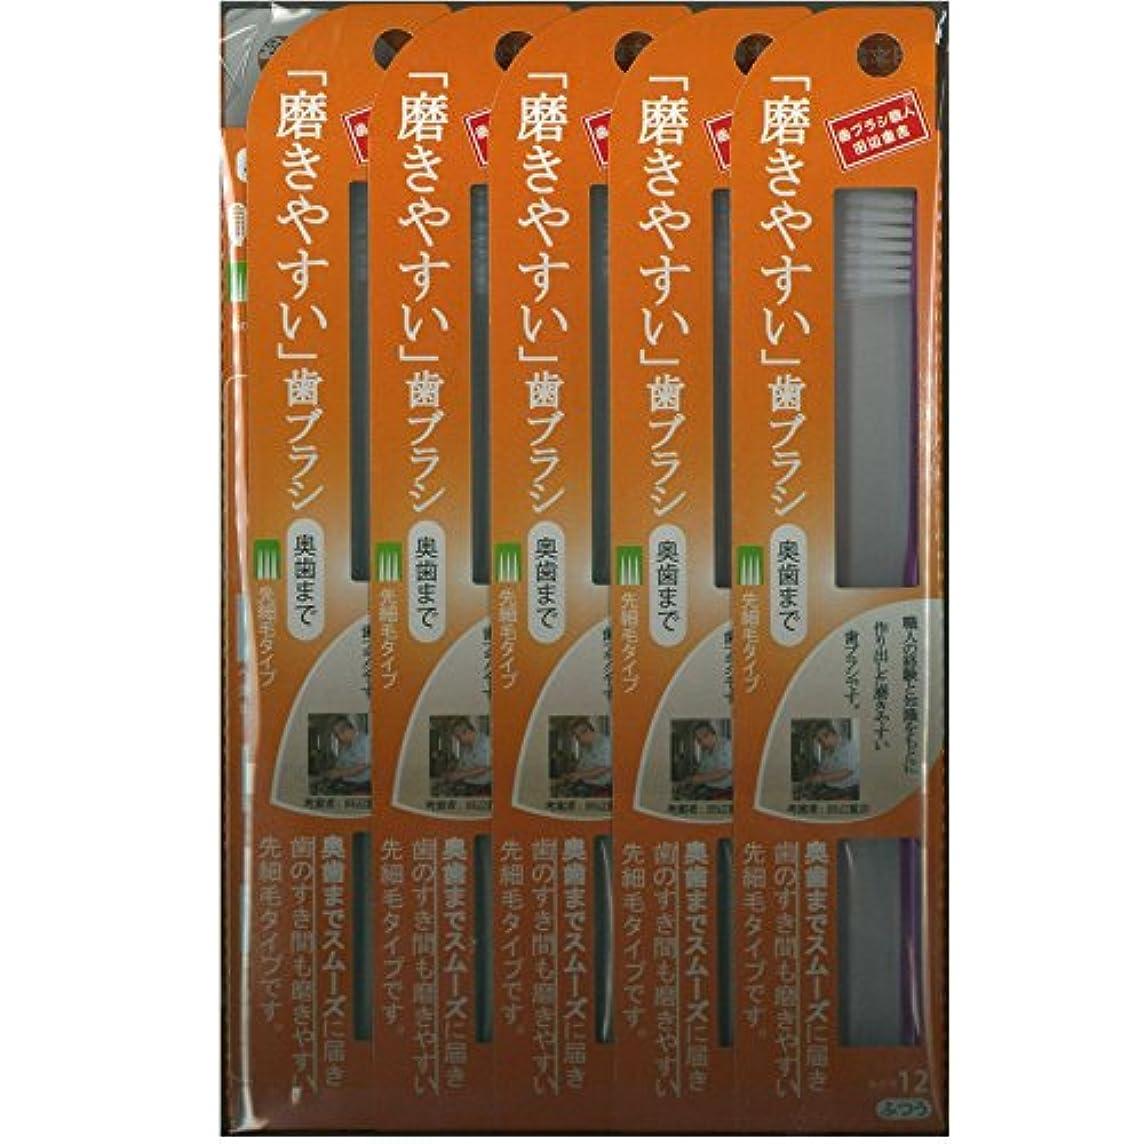 帽子海商標磨きやすい歯ブラシ(奥歯まで)先細 LT-12×12本セット( ピンク×4本、ブルー×4本、グリーン×2本、パープル×2本)